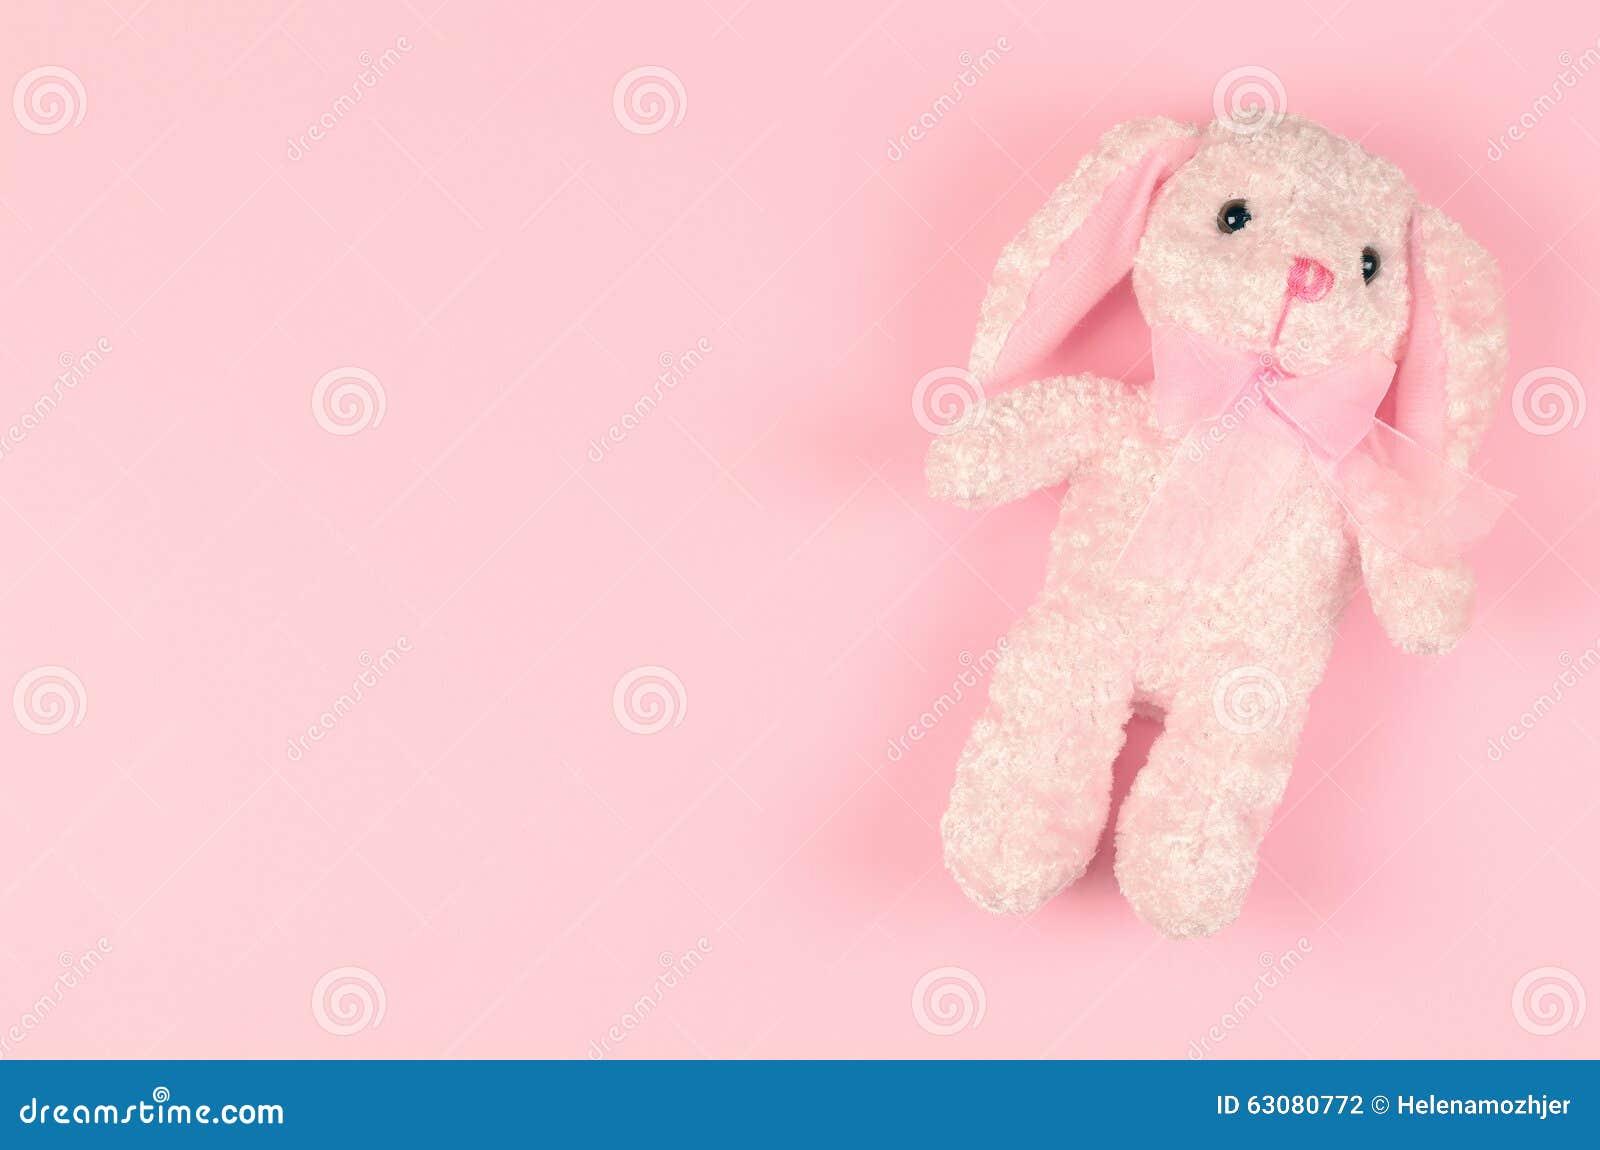 Download Jouet Mou De Fille Sur Un Fond Doux Rose Photo stock - Image du jour, abstrait: 63080772